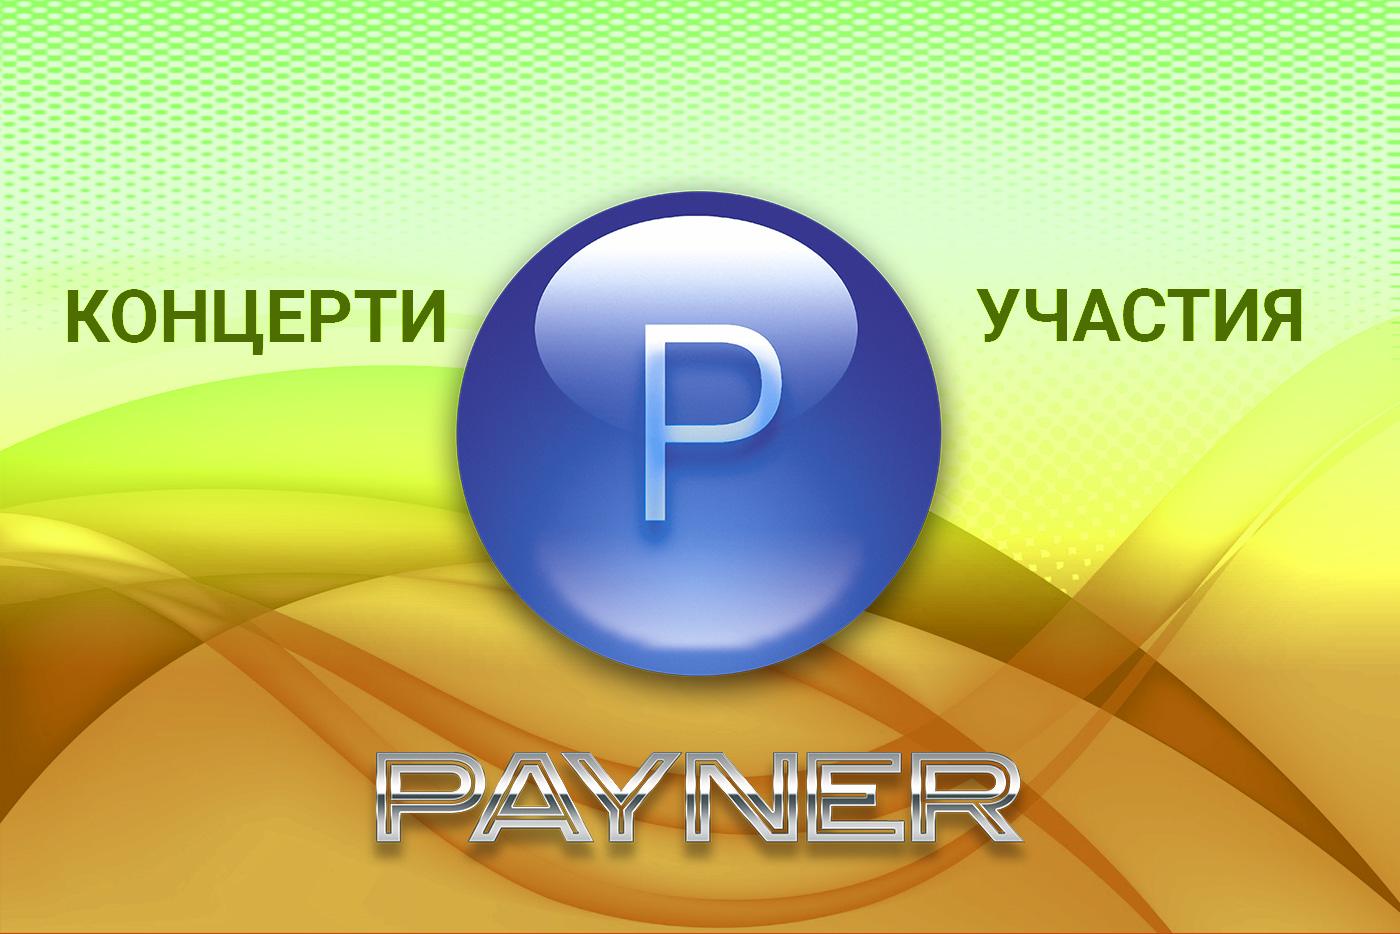 """Участия на звездите на """"Пайнер"""" на 17.03.2019"""